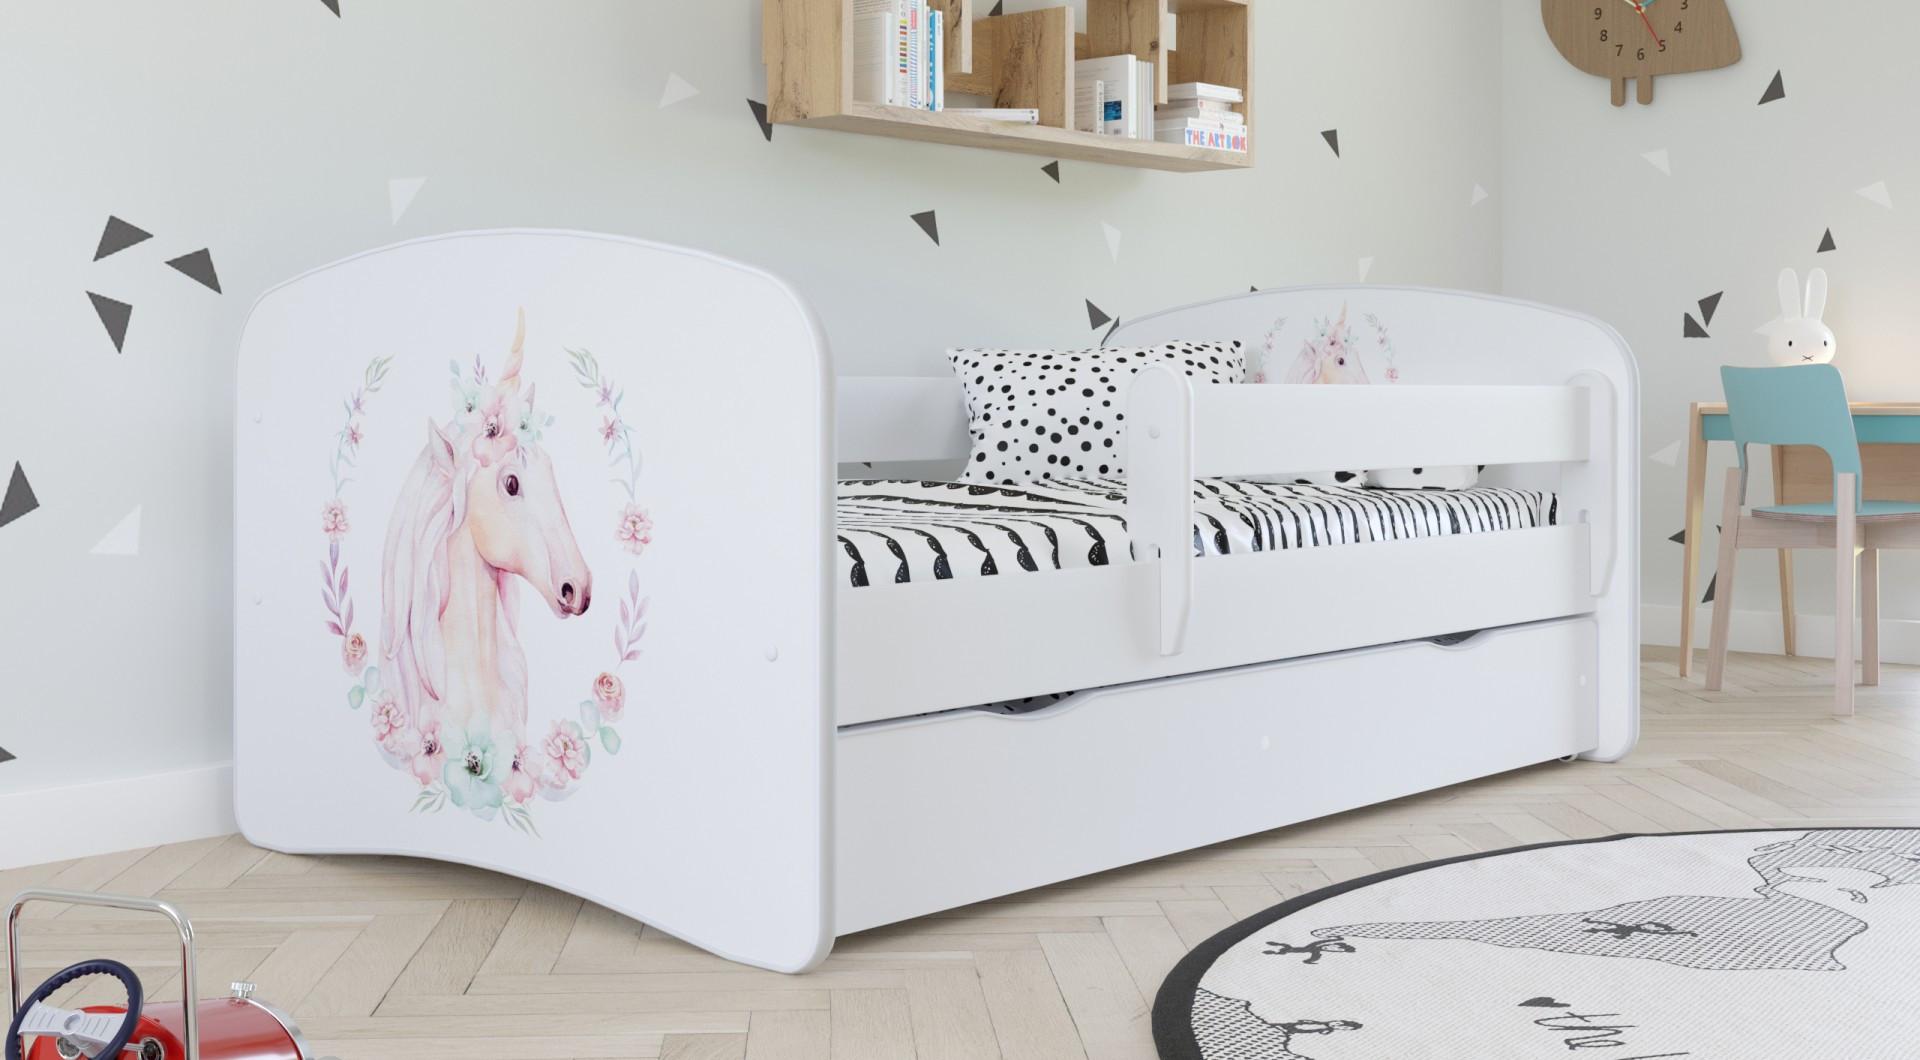 Łóżko z grafiką dla dziewczynki